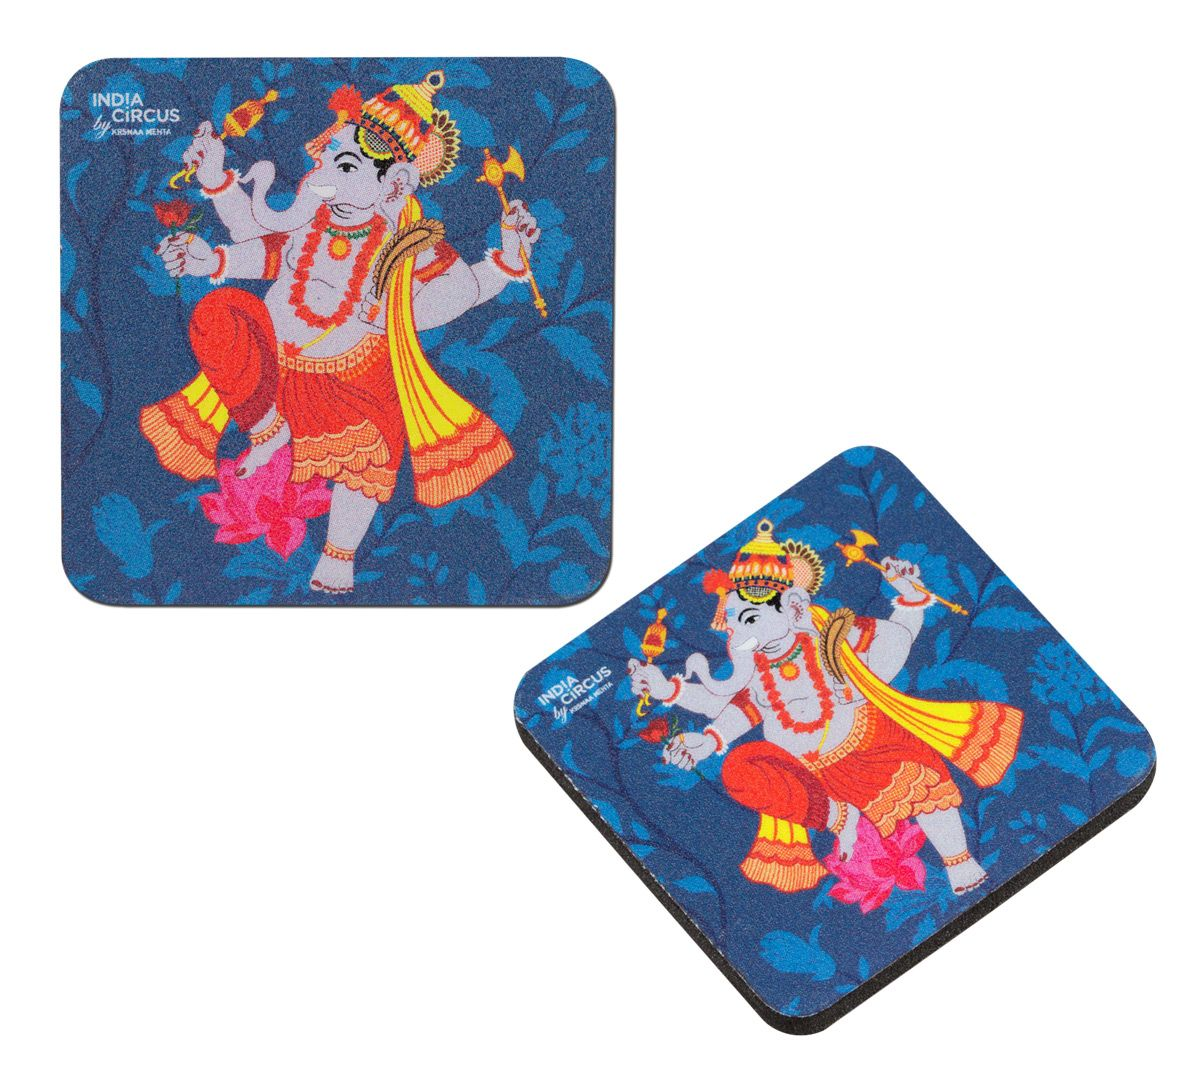 Ganesha Purana Fridge Magnet